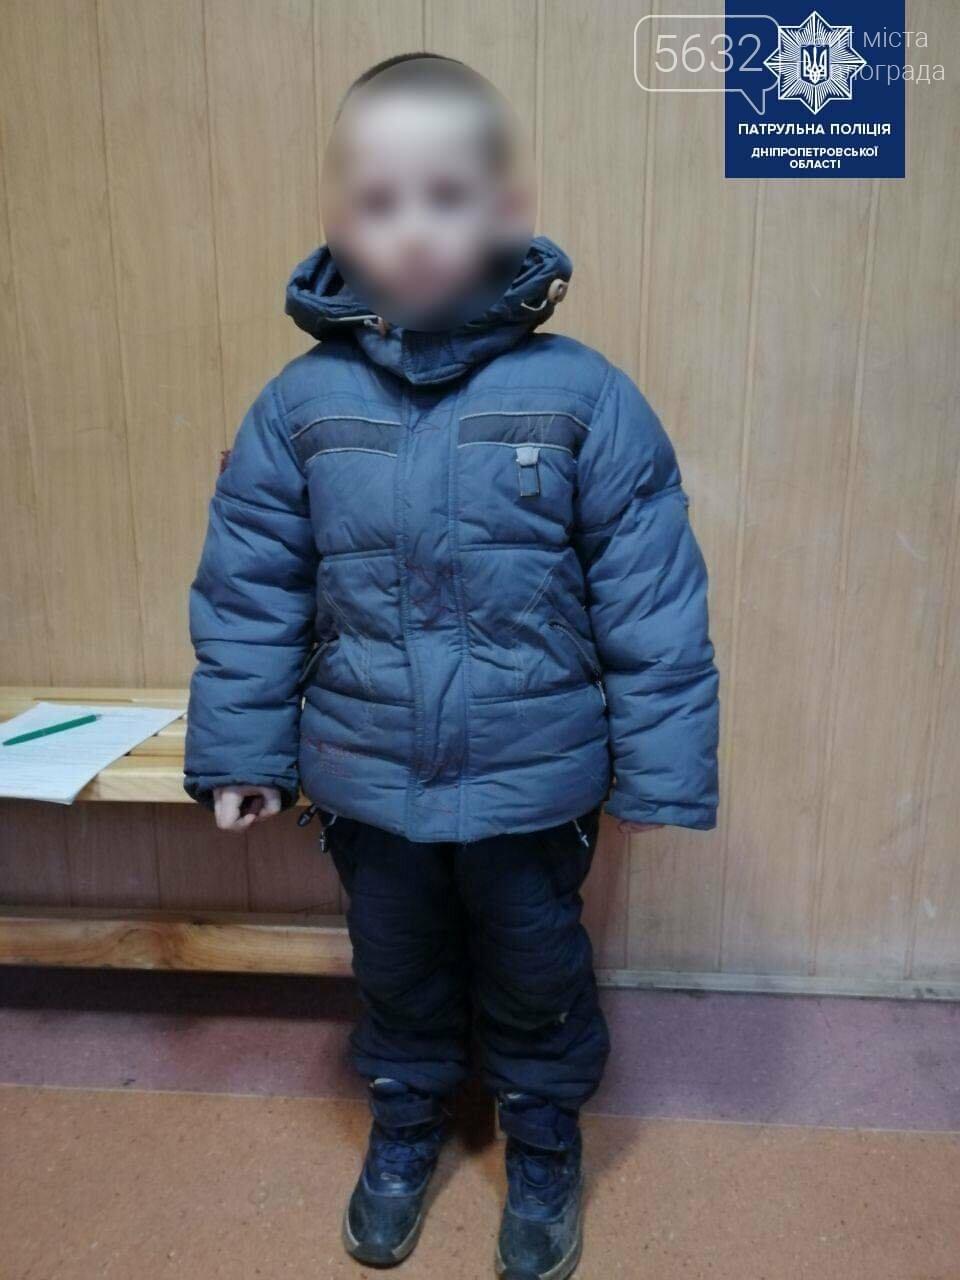 Пьяный терновчанин пытался увезти в Днепр чужого ребенка, фото-2